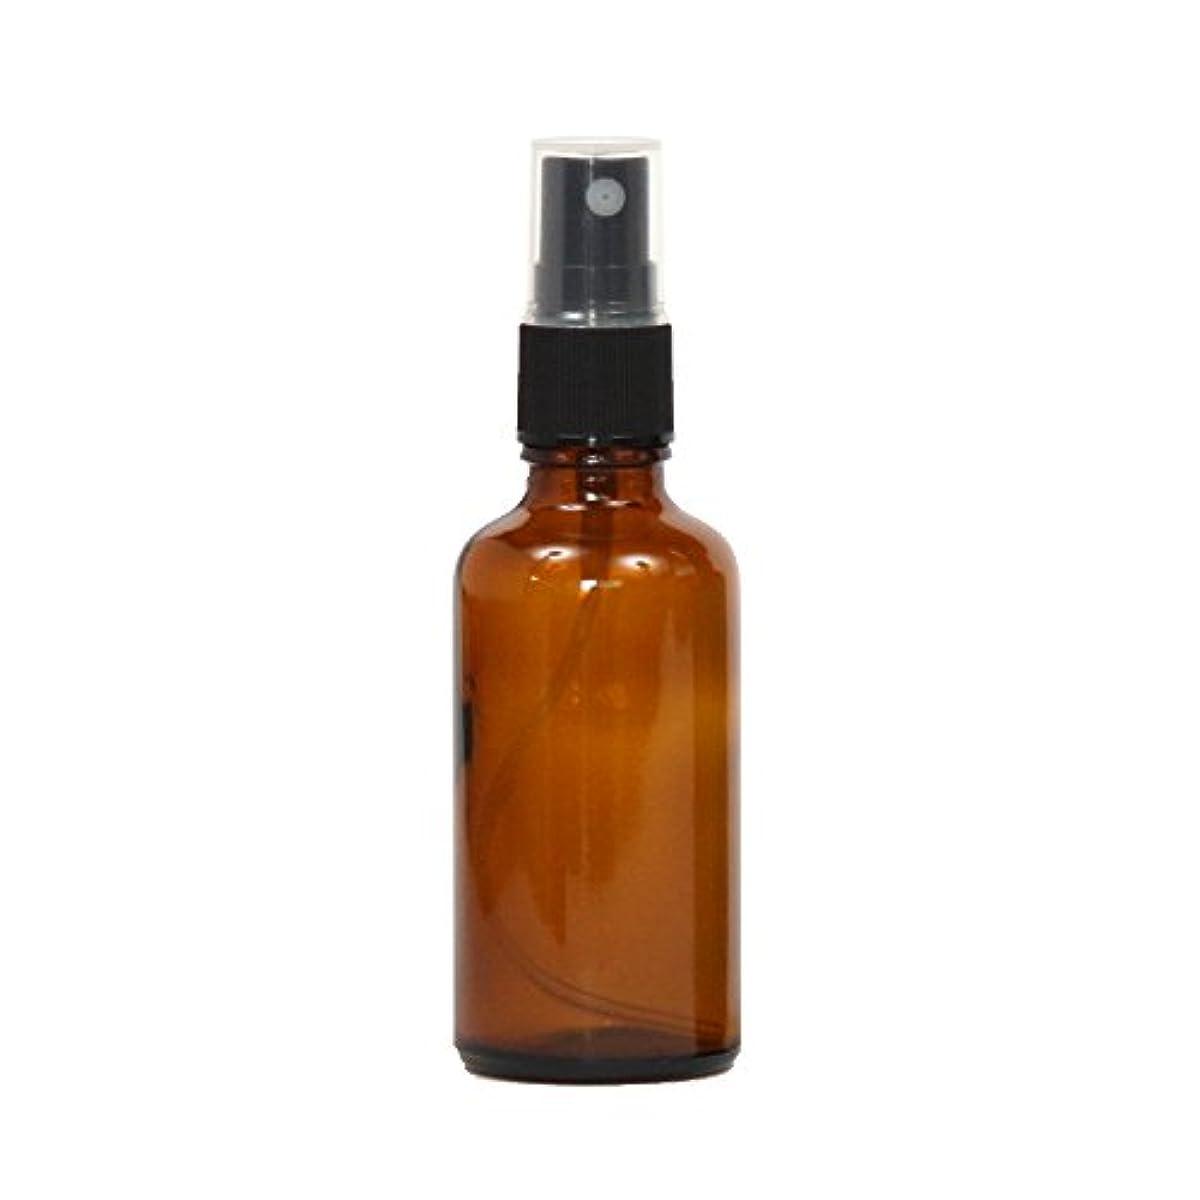 エアコンキウイ罪悪感スプレーボトル ガラス瓶 50mL 遮光性ブラウン(アンバー) おしゃれアトマイザー ミスト空容器br50g